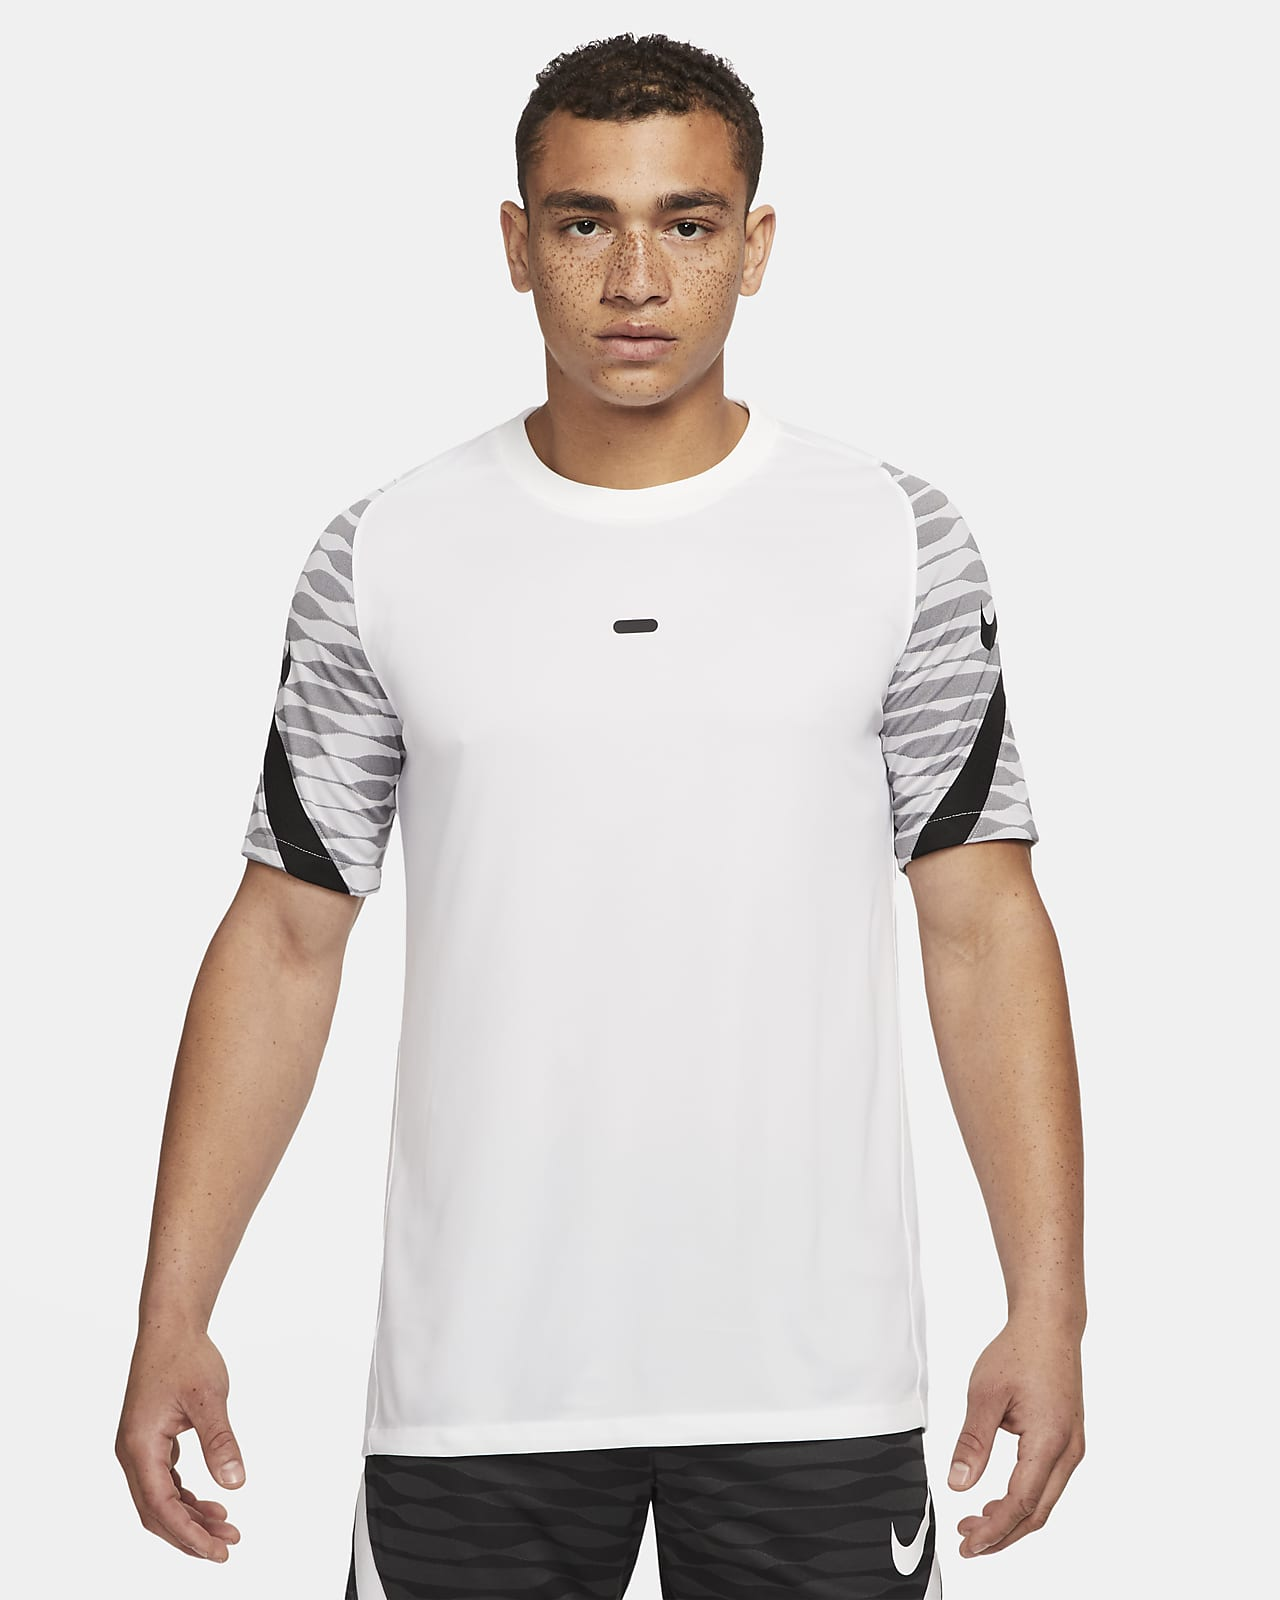 Nike Dri-FIT Strike Voetbaltop met korte mouwen voor heren